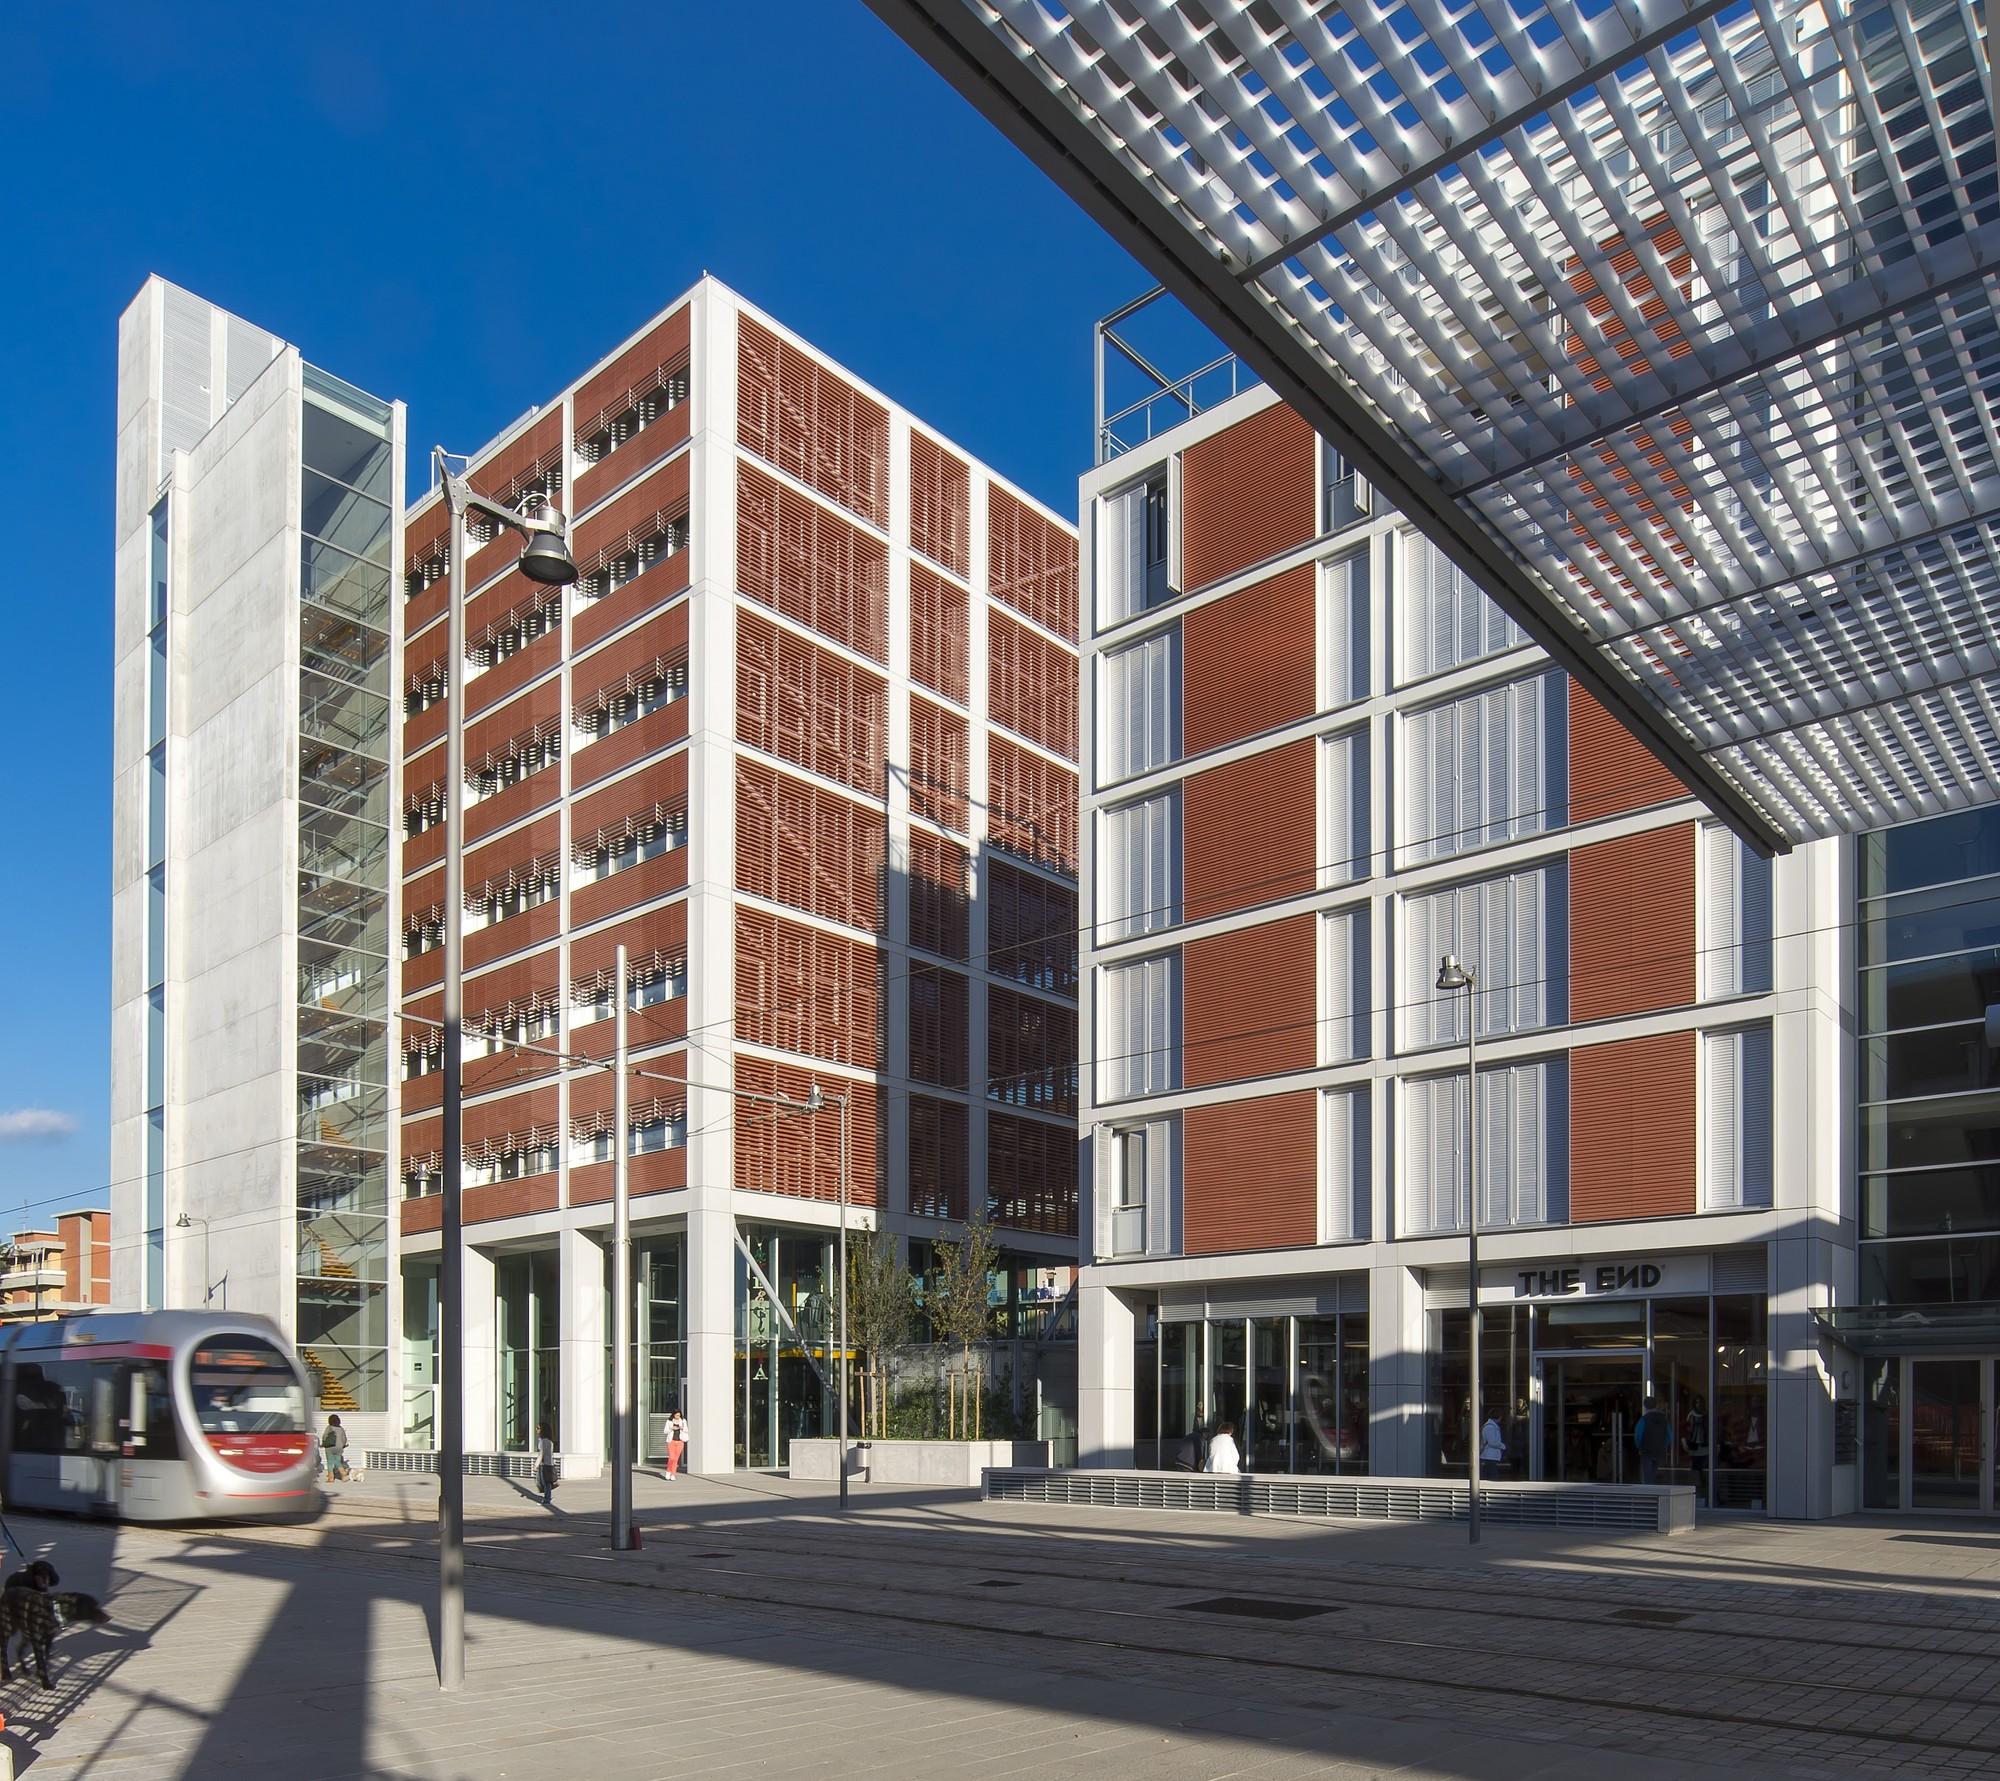 Nuovo Centro Civico in Scandicci  / Rogers Stirk Harbour + Partners, © Alessandro Ciampi